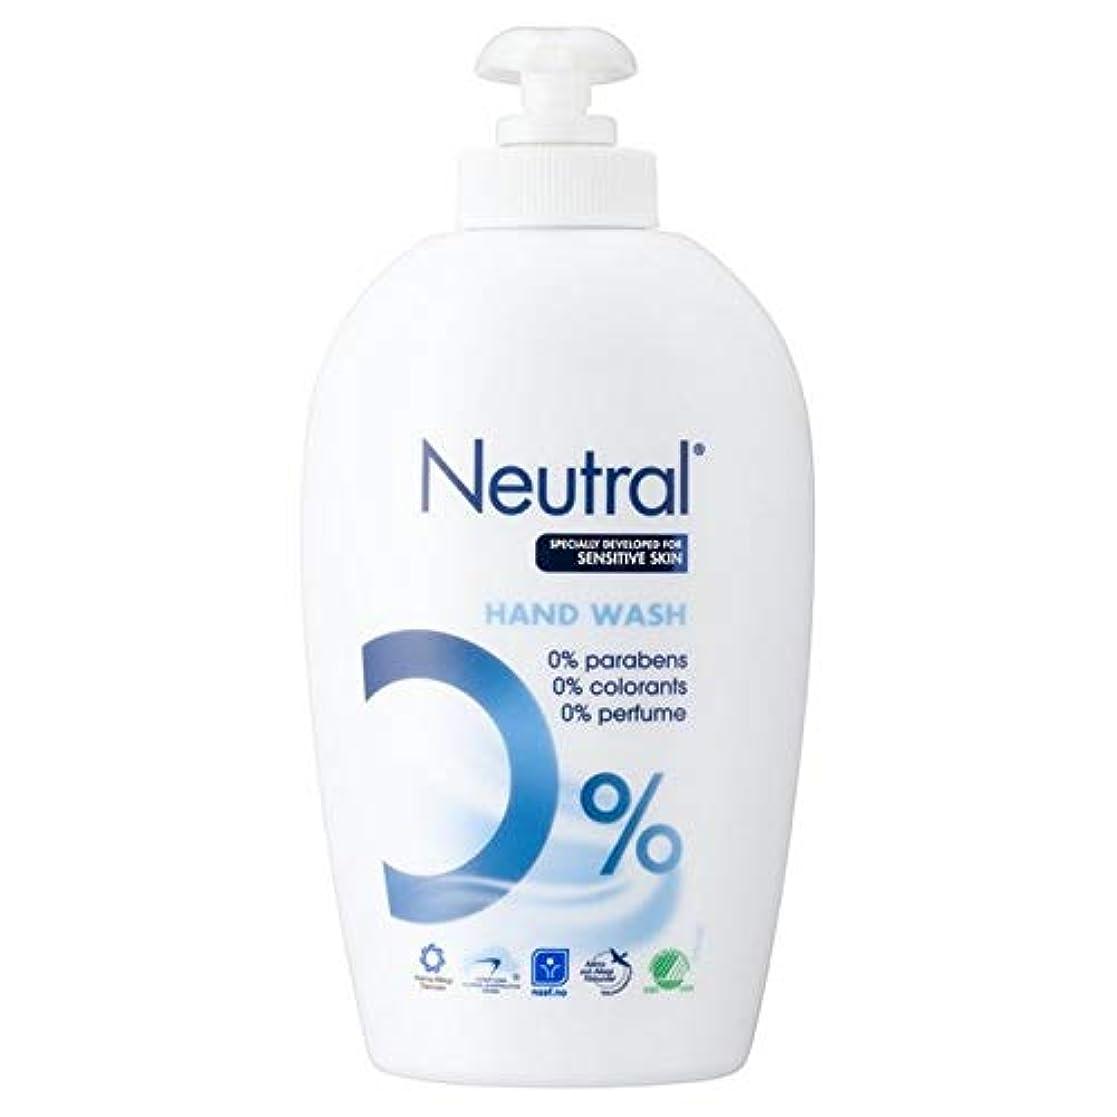 バーレクリエーション校長[Neutral ] ニュートラル0%のハンドウォッシュ250ミリリットル - Neutral 0% Hand Wash 250ml [並行輸入品]